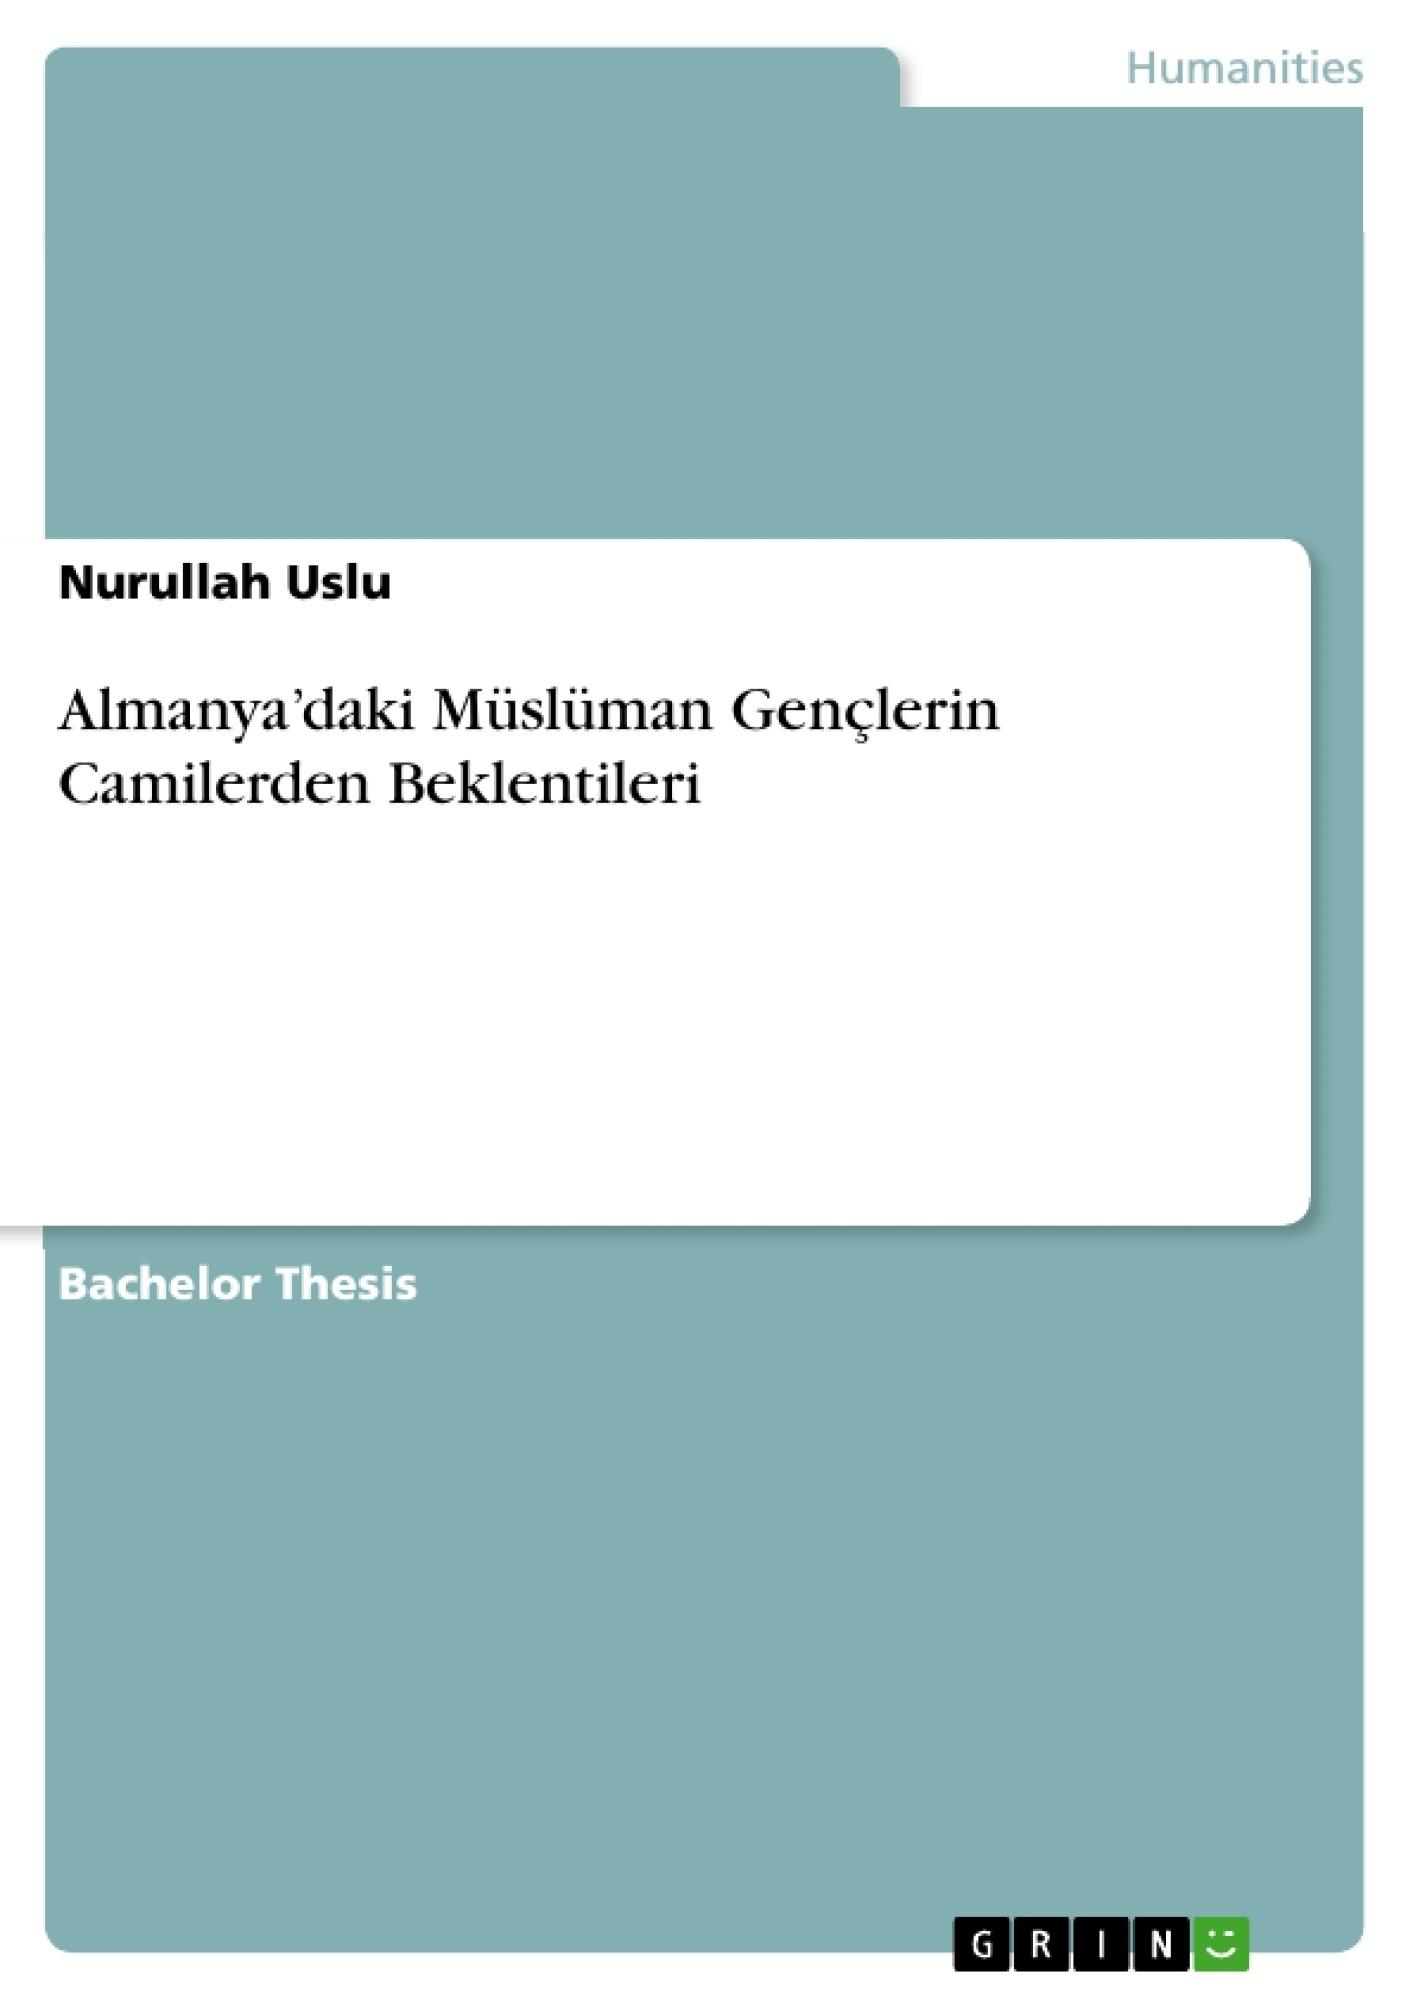 Title: Almanya'daki Müslüman Gençlerin Camilerden Beklentileri